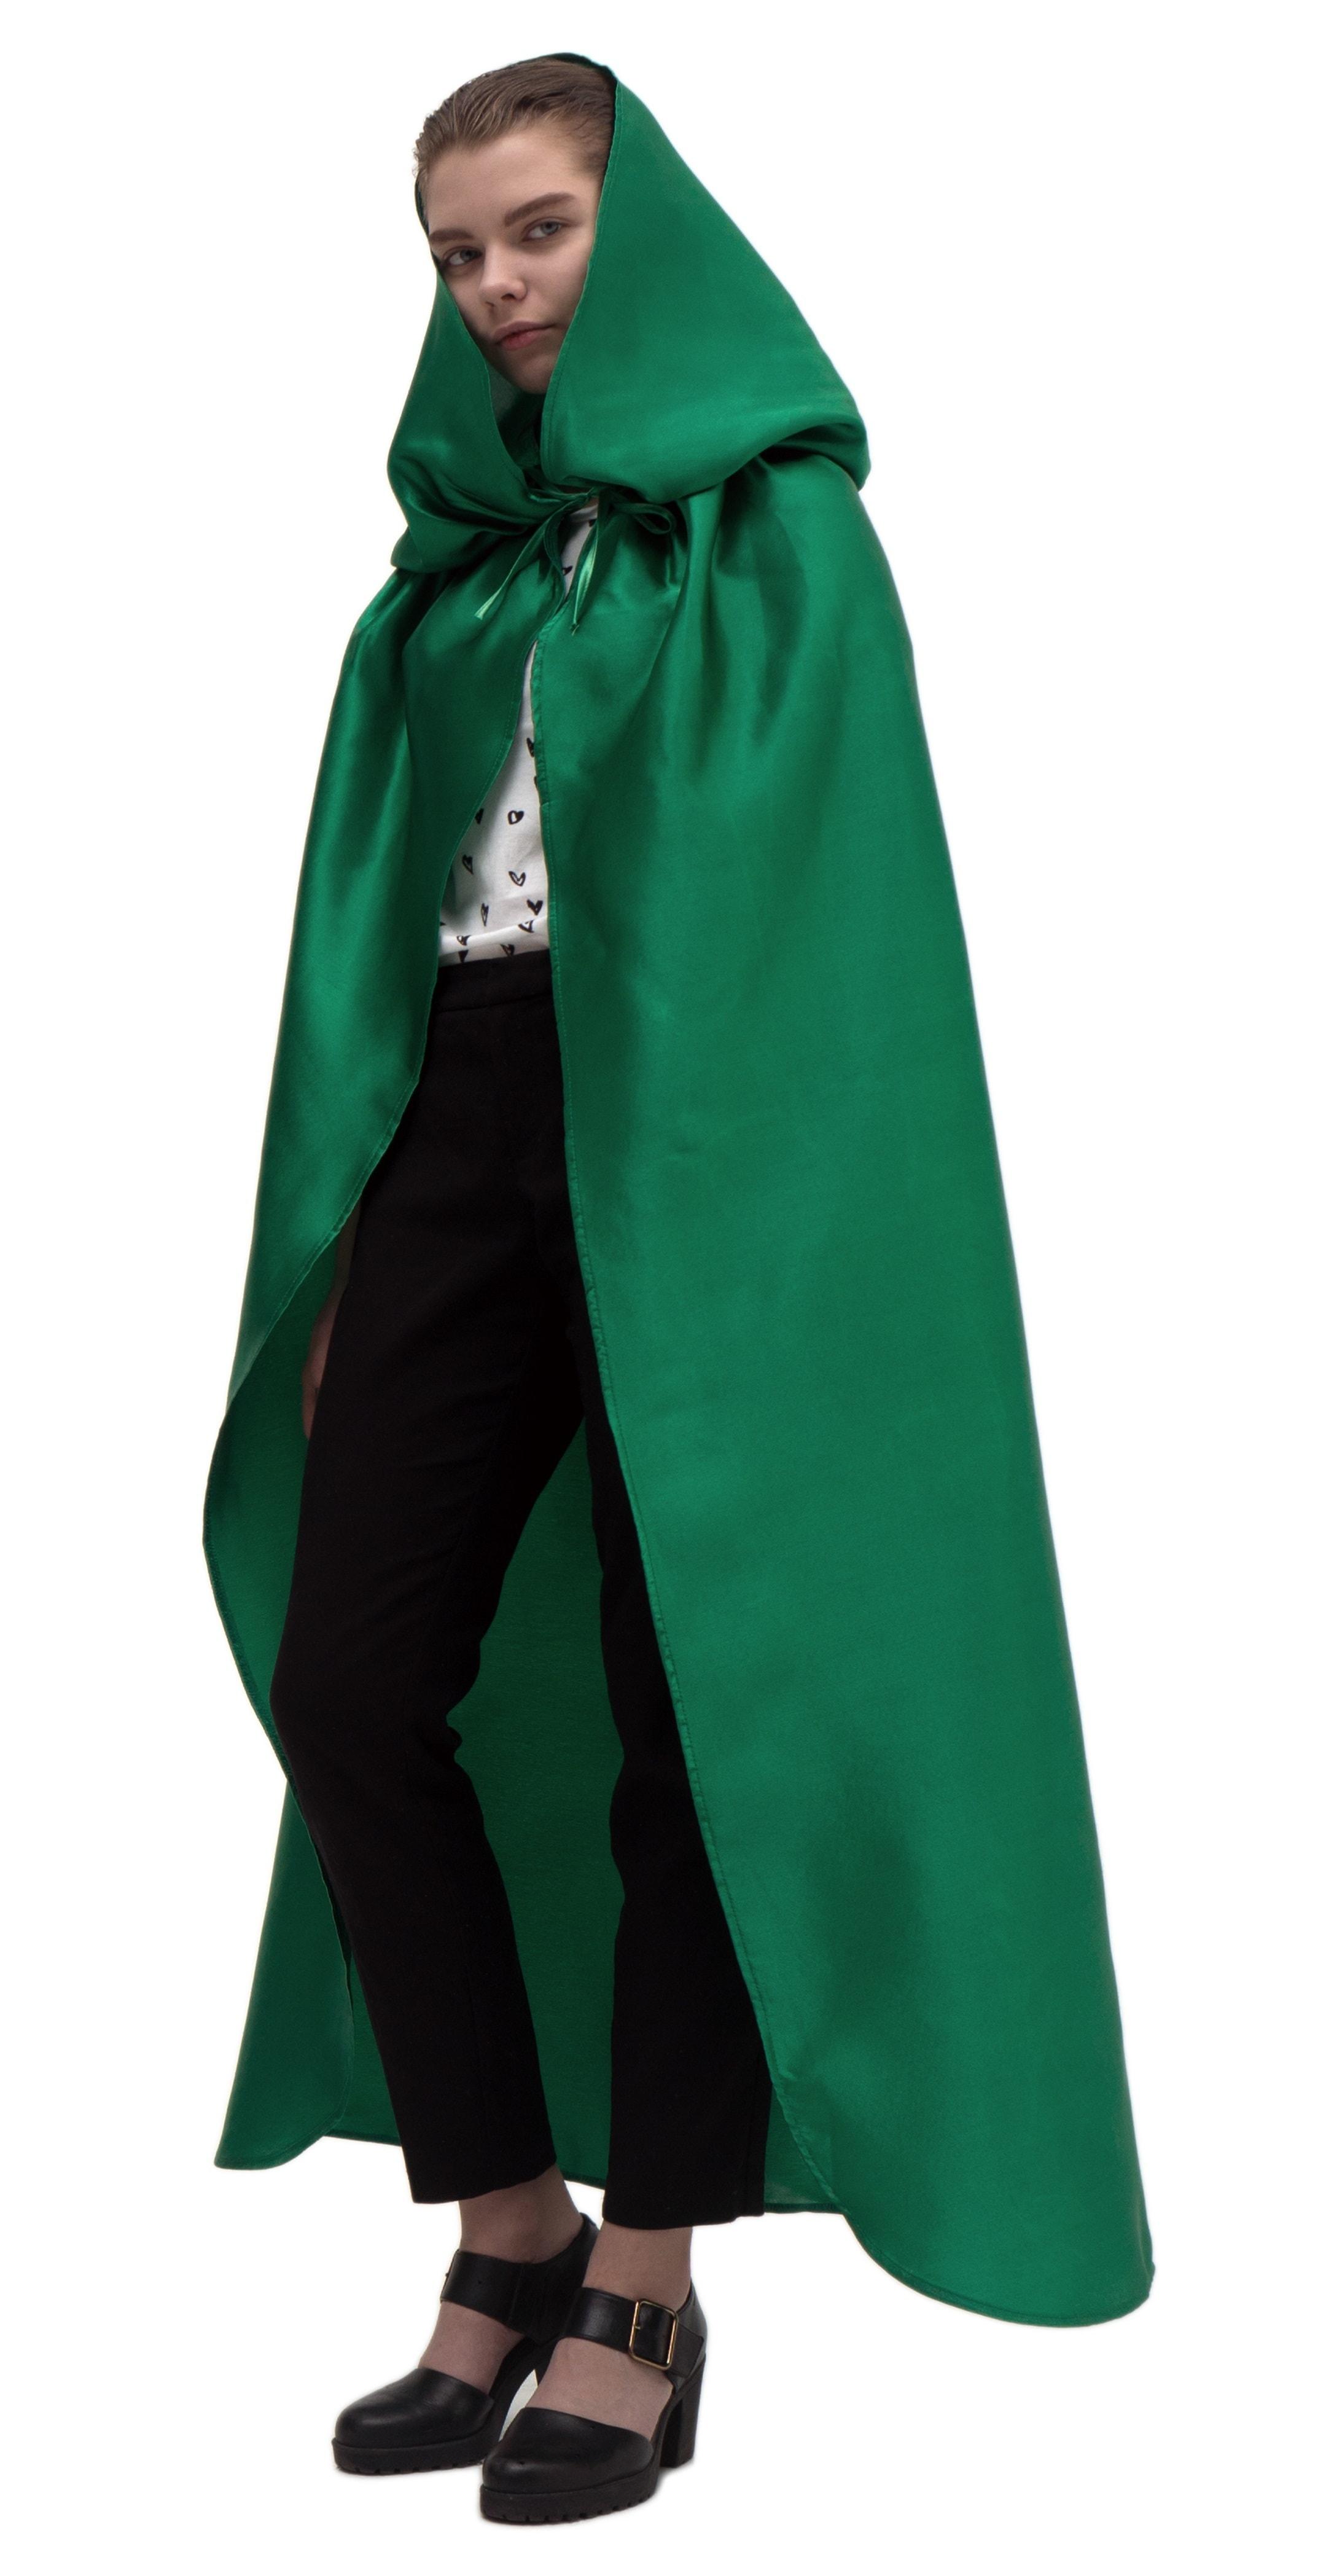 Купить Зеленый атласный плащ с капюшоном Птица Феникс p1005,